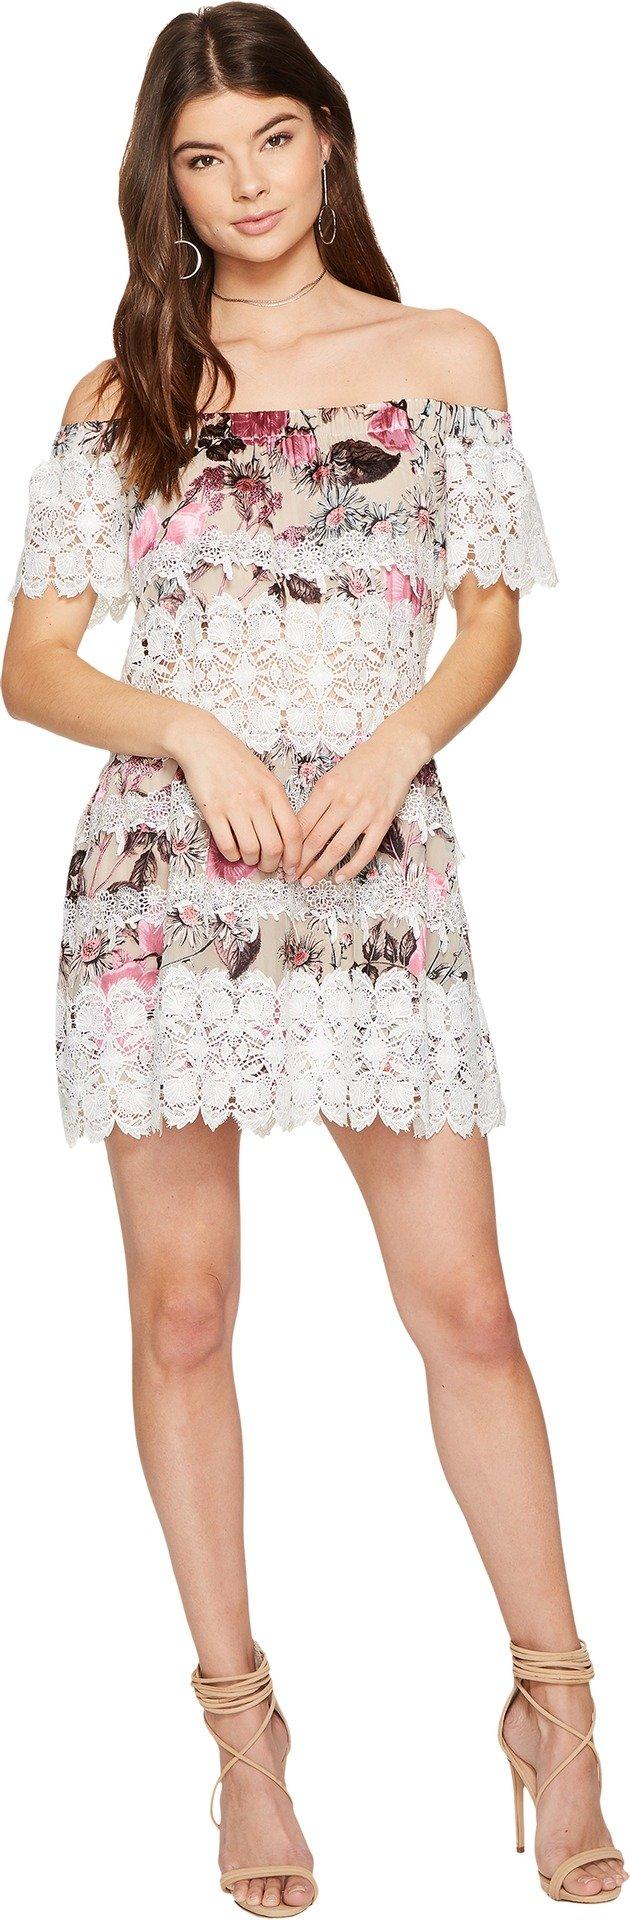 For Love and Lemons Women's Cadence Off the Shoulder Dress Pink Floral Dress